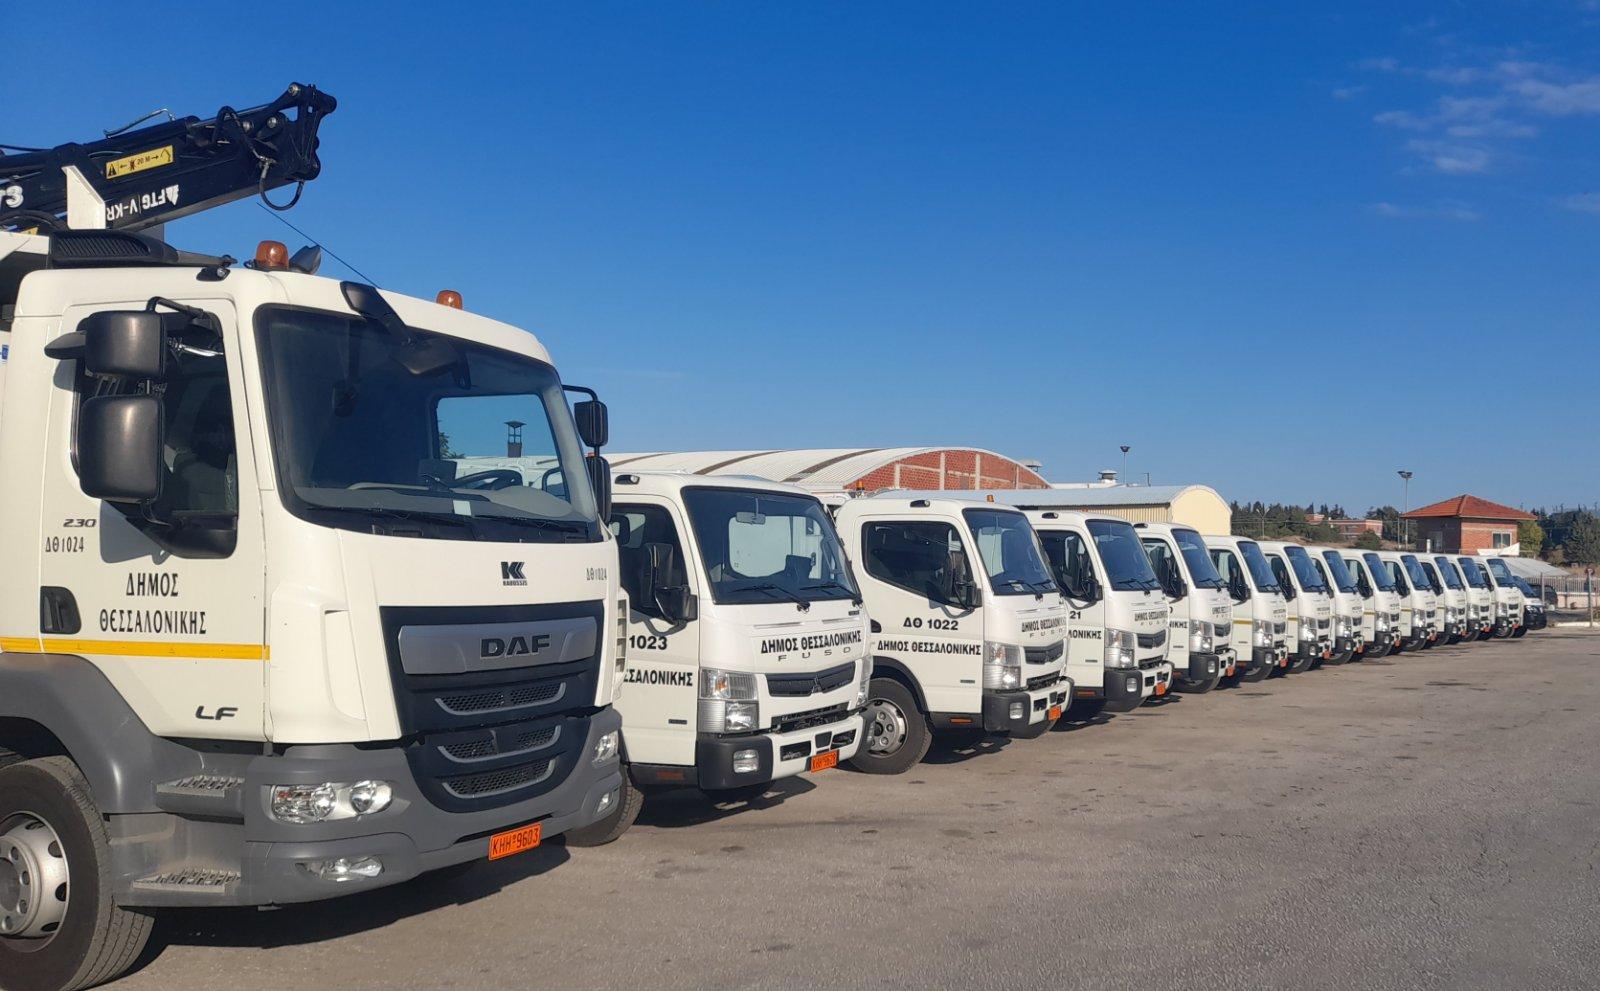 Νέα οχήματα στον στόλο του Δήμου Θεσσαλονίκης - Επιθεώρηση από Ζέρβα - Ζεϊμπέκη